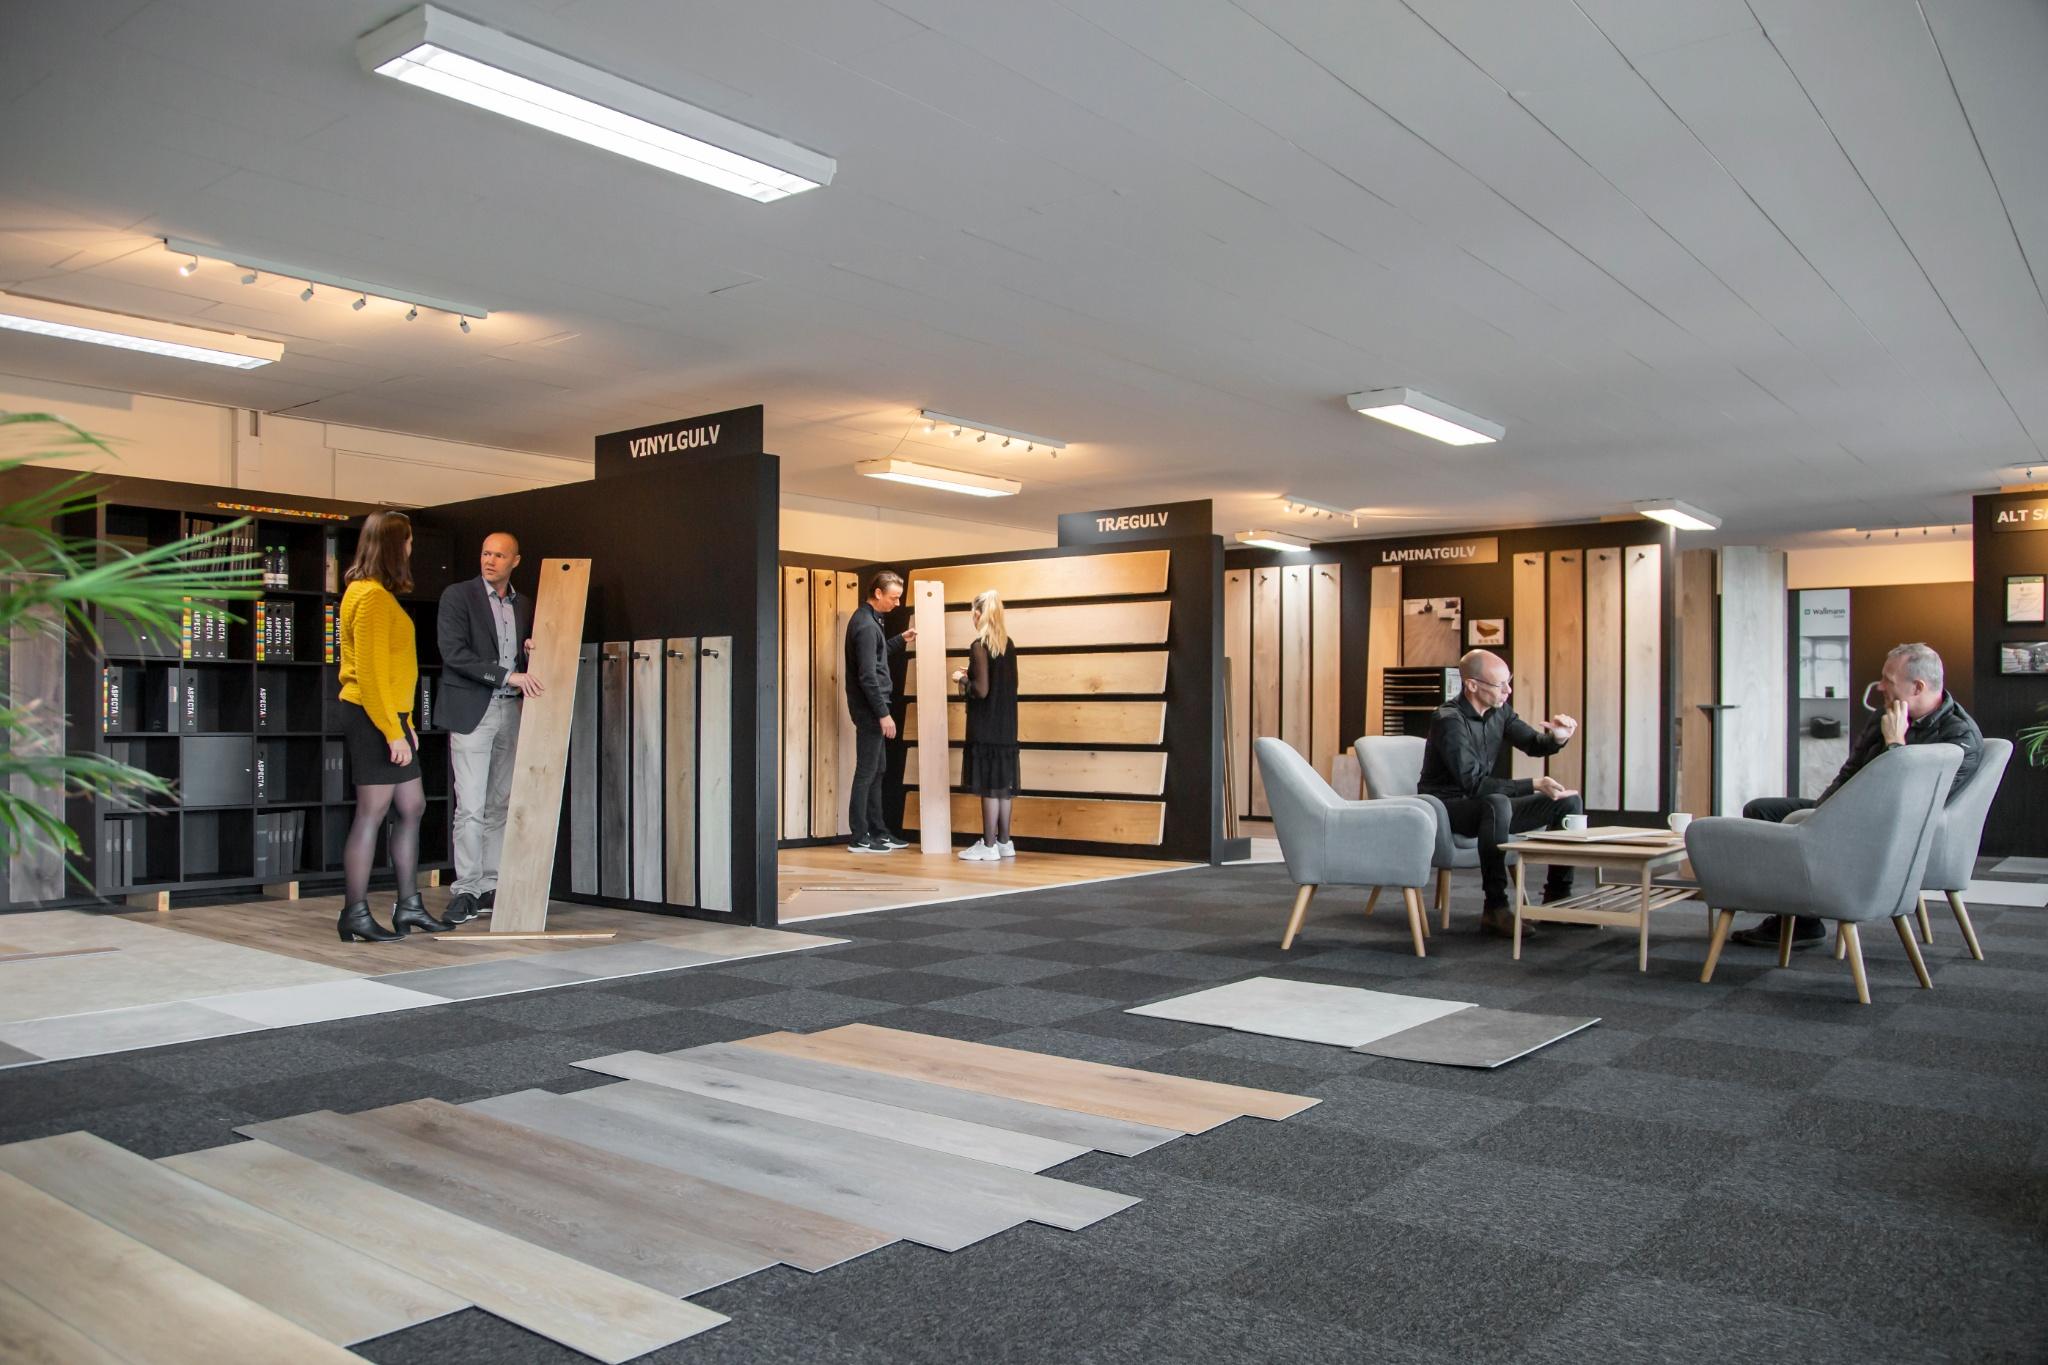 Tag et kig i vores showroom hos Wallmann